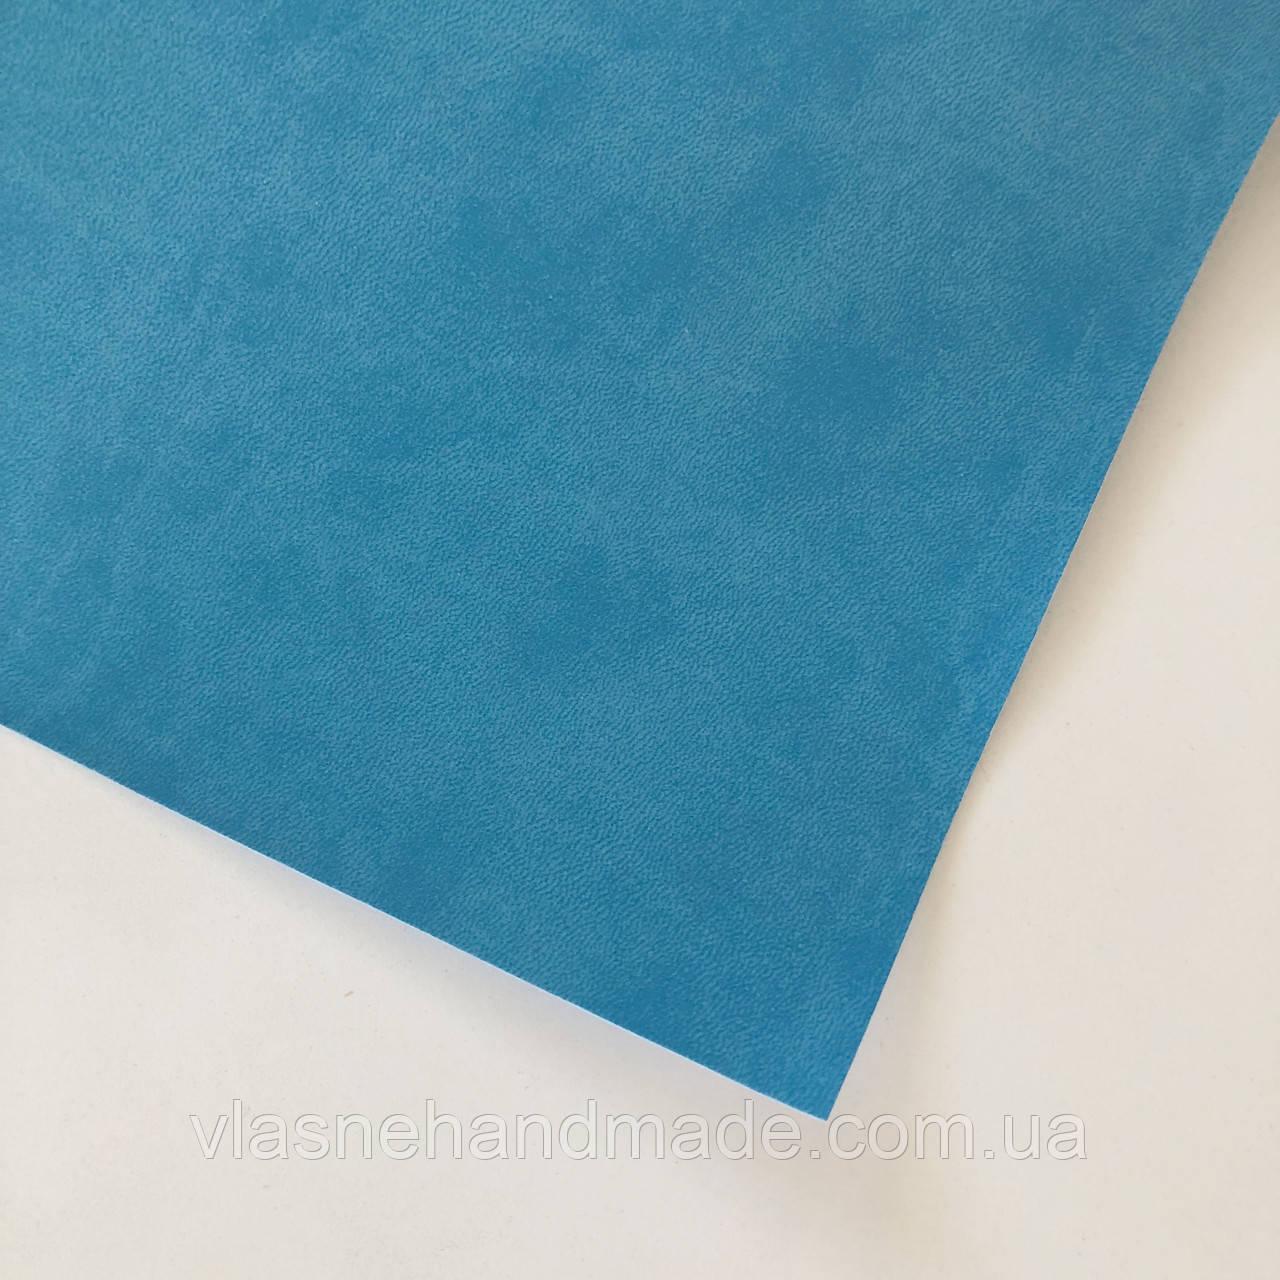 Шкірзамінник палітурний - матовий - темно-блакитний VH116 - виробник Італія - 25х35 см